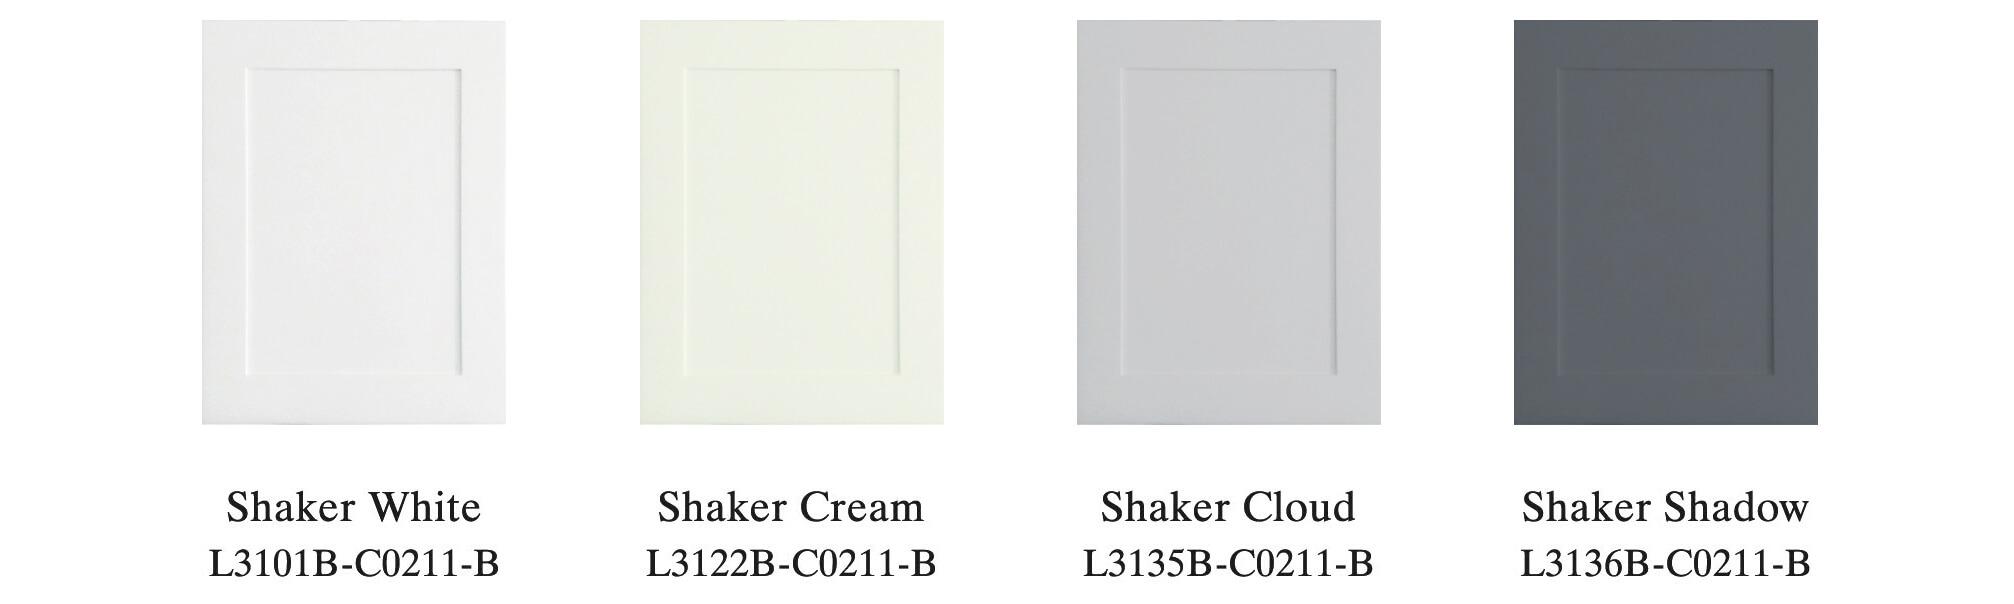 Shaker_Matt_Lacquer_Door